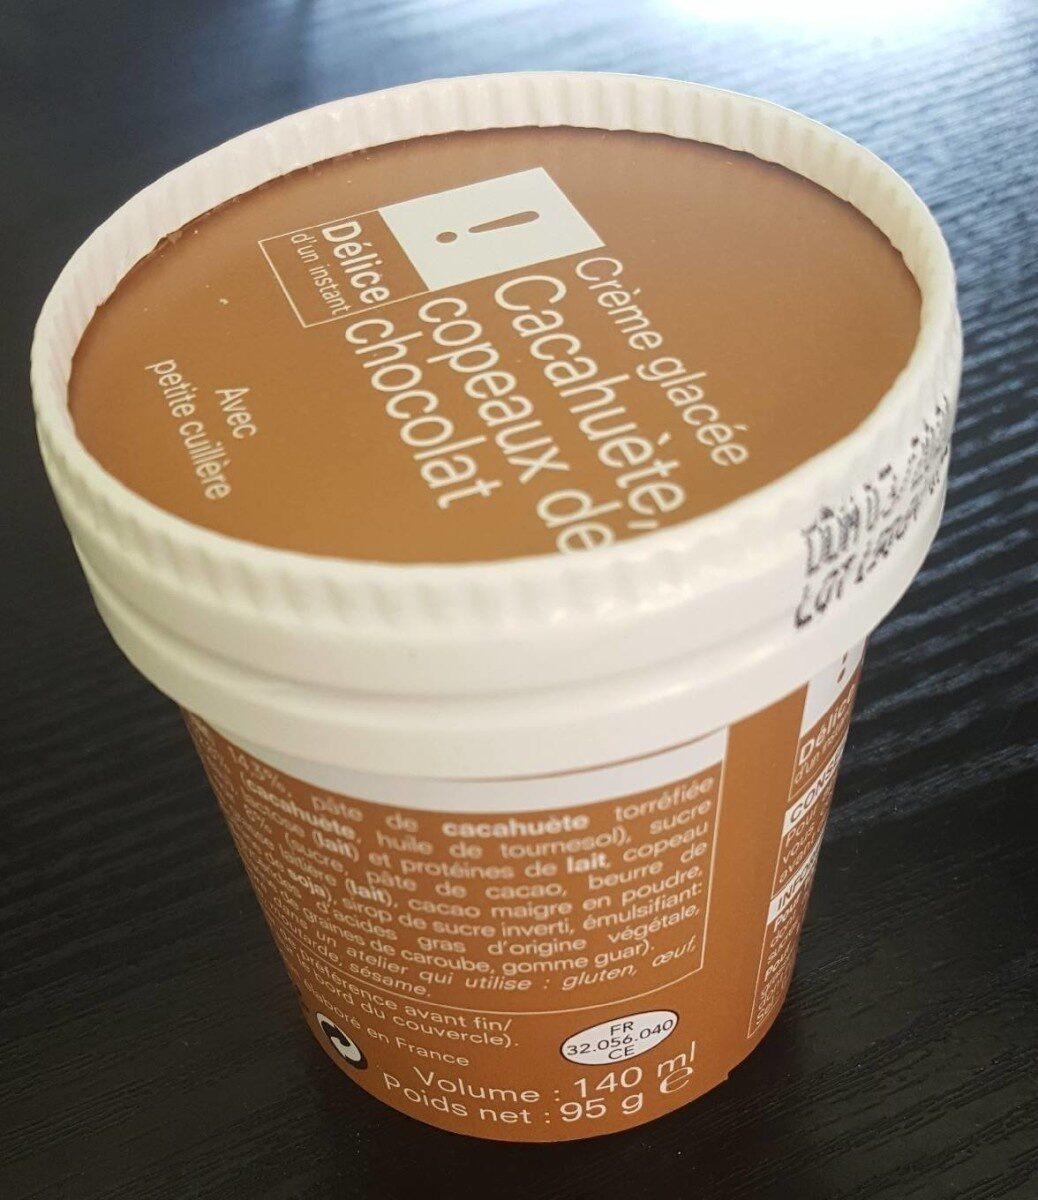 Crème glacée cacahuète copeaux de chocolat - Produit - fr